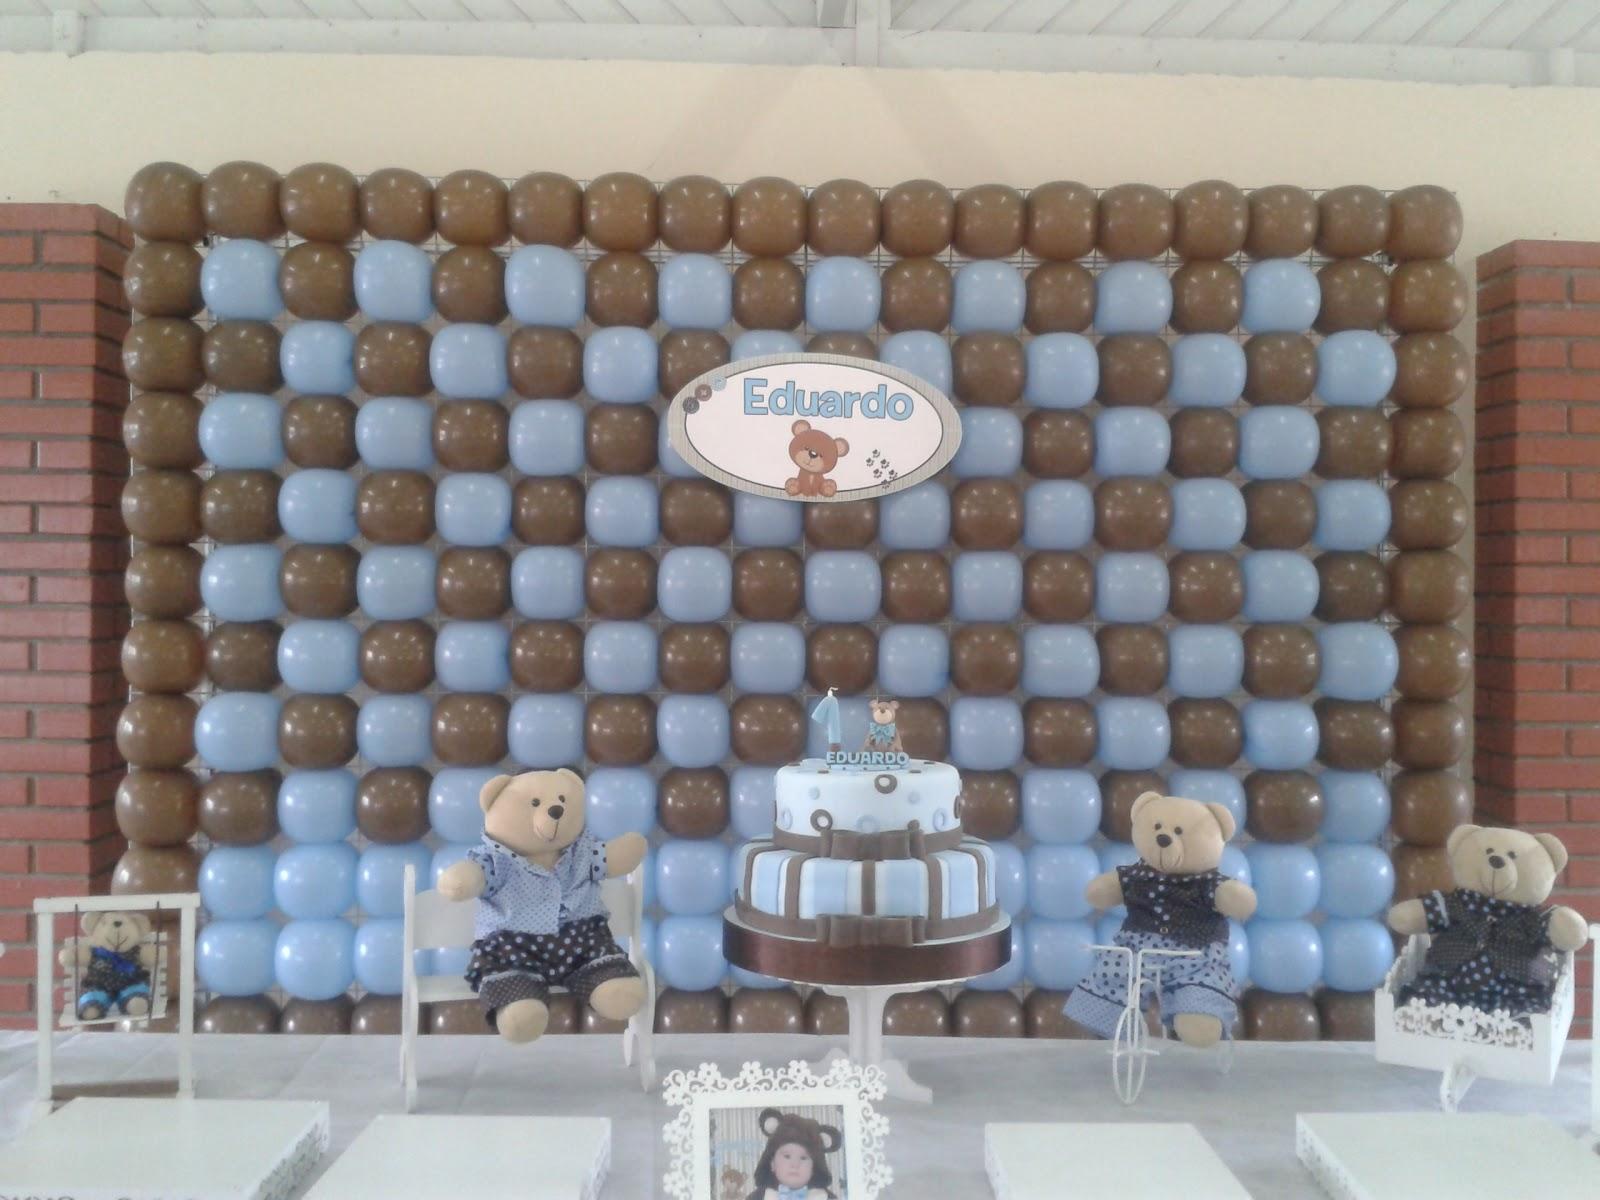 decoracao festa urso azul e marrom:Doce Mel Ateliê de Festas: Decoração Urso Marrom com azul